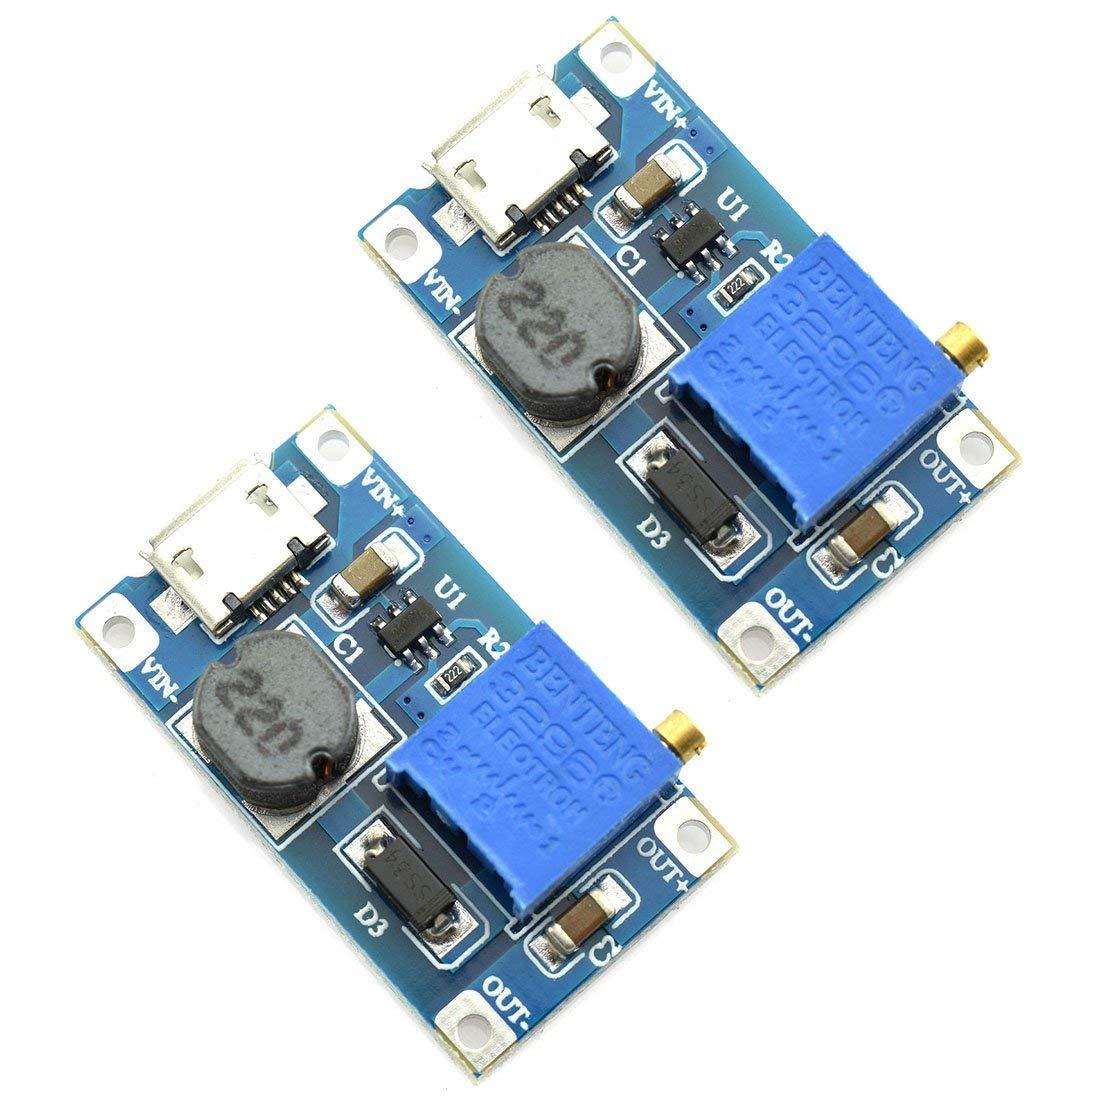 Cheap 24v Boost Converter Find Deals On Line At Usb 5v To 12v Dcdc Stepup Circuit Get Quotations Dzs Elec 2pcs Mini Dc Adjustable Voltage Regulator 2v